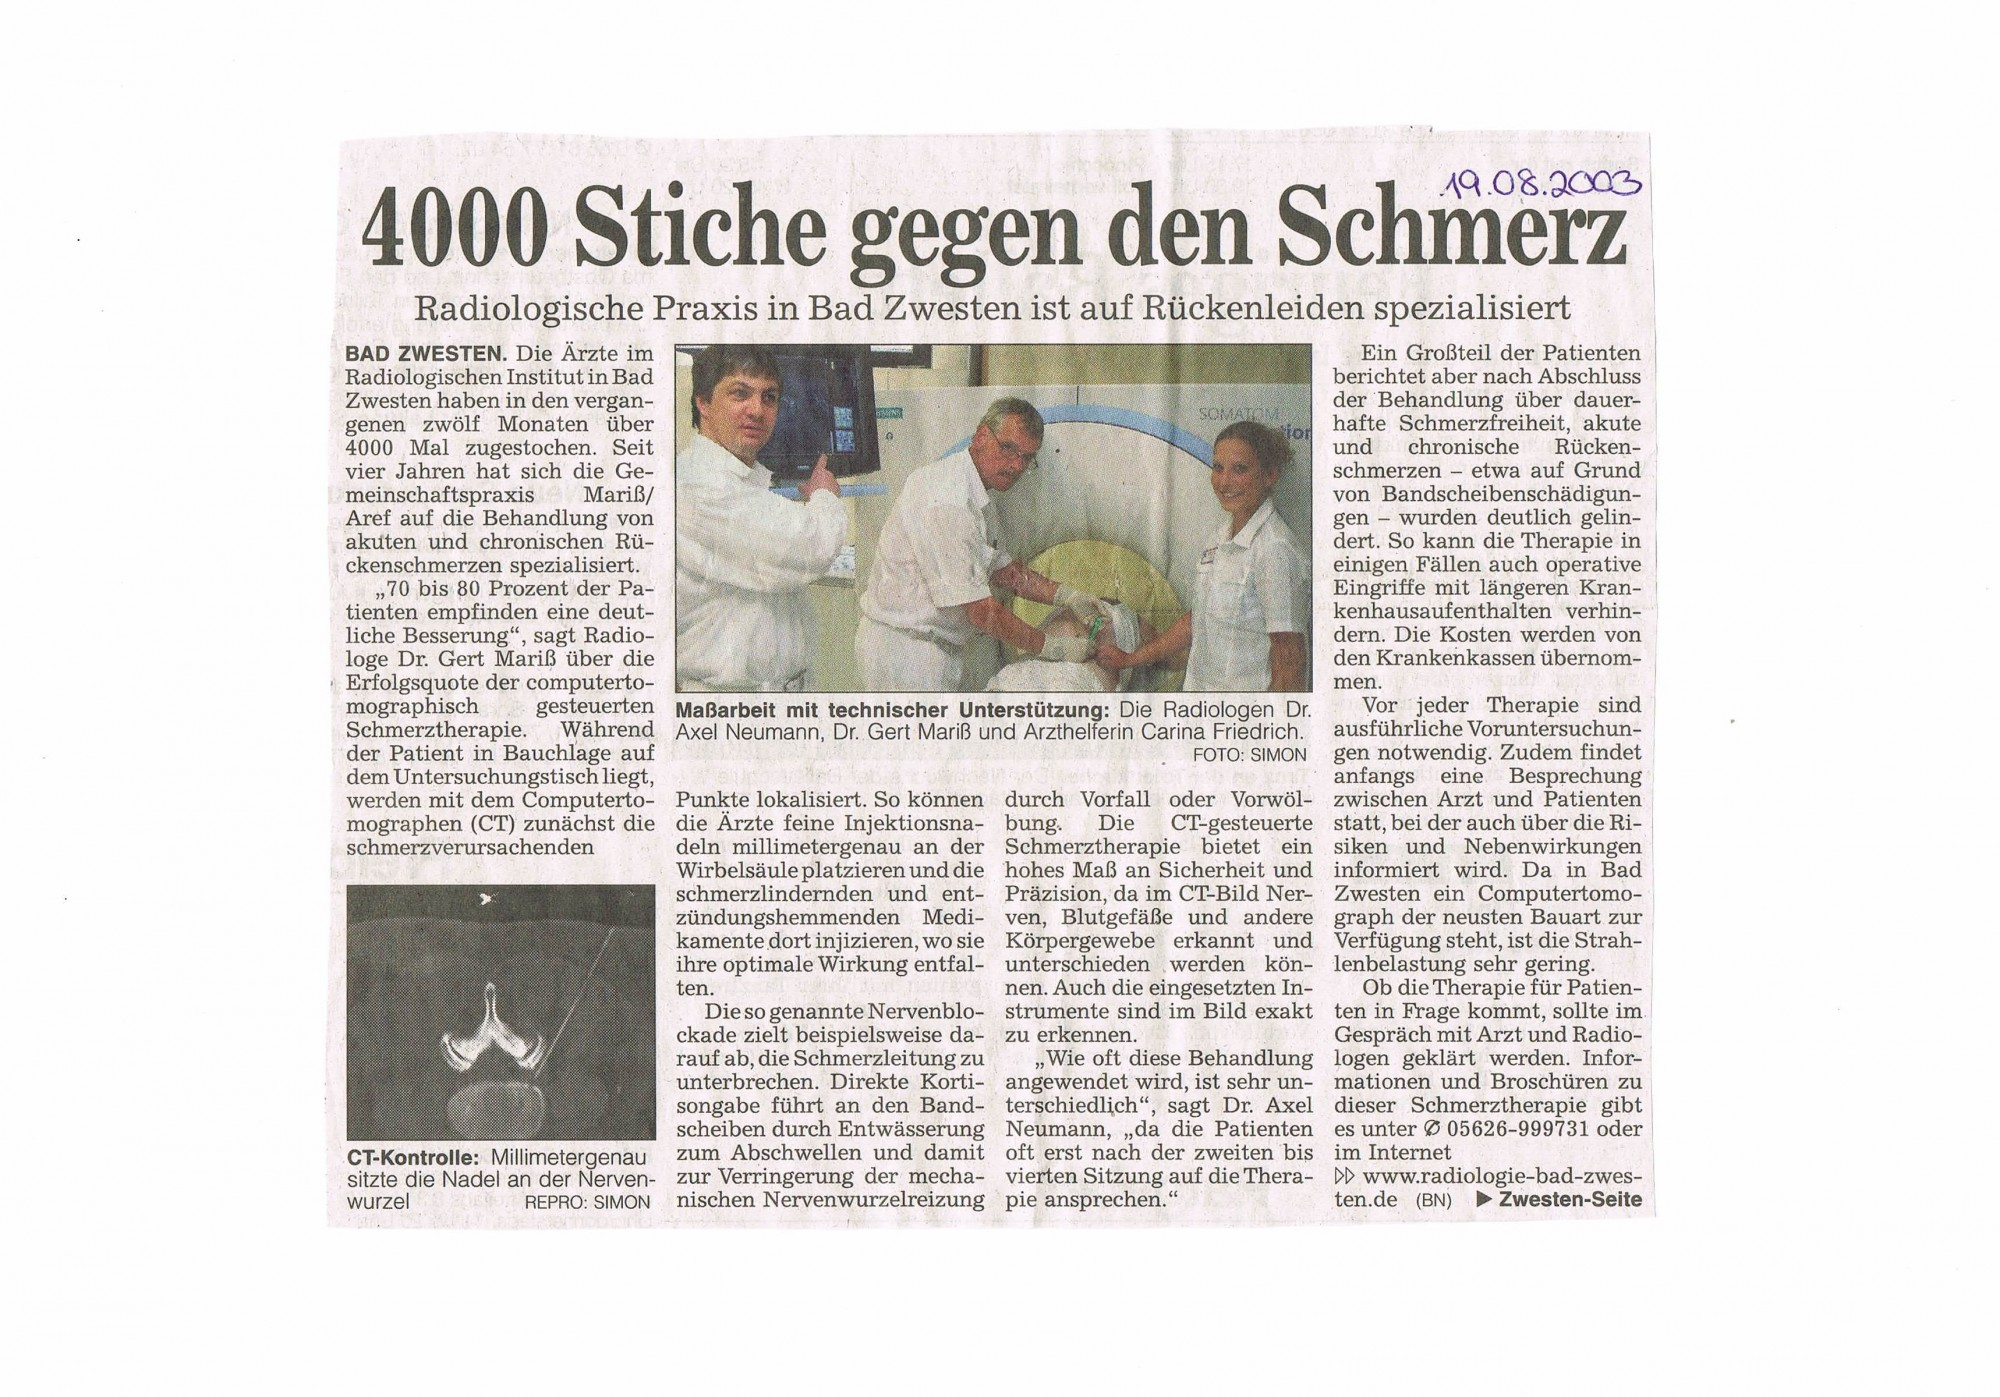 2003-08-19 4000 Stiche gegen den Schmerz-001